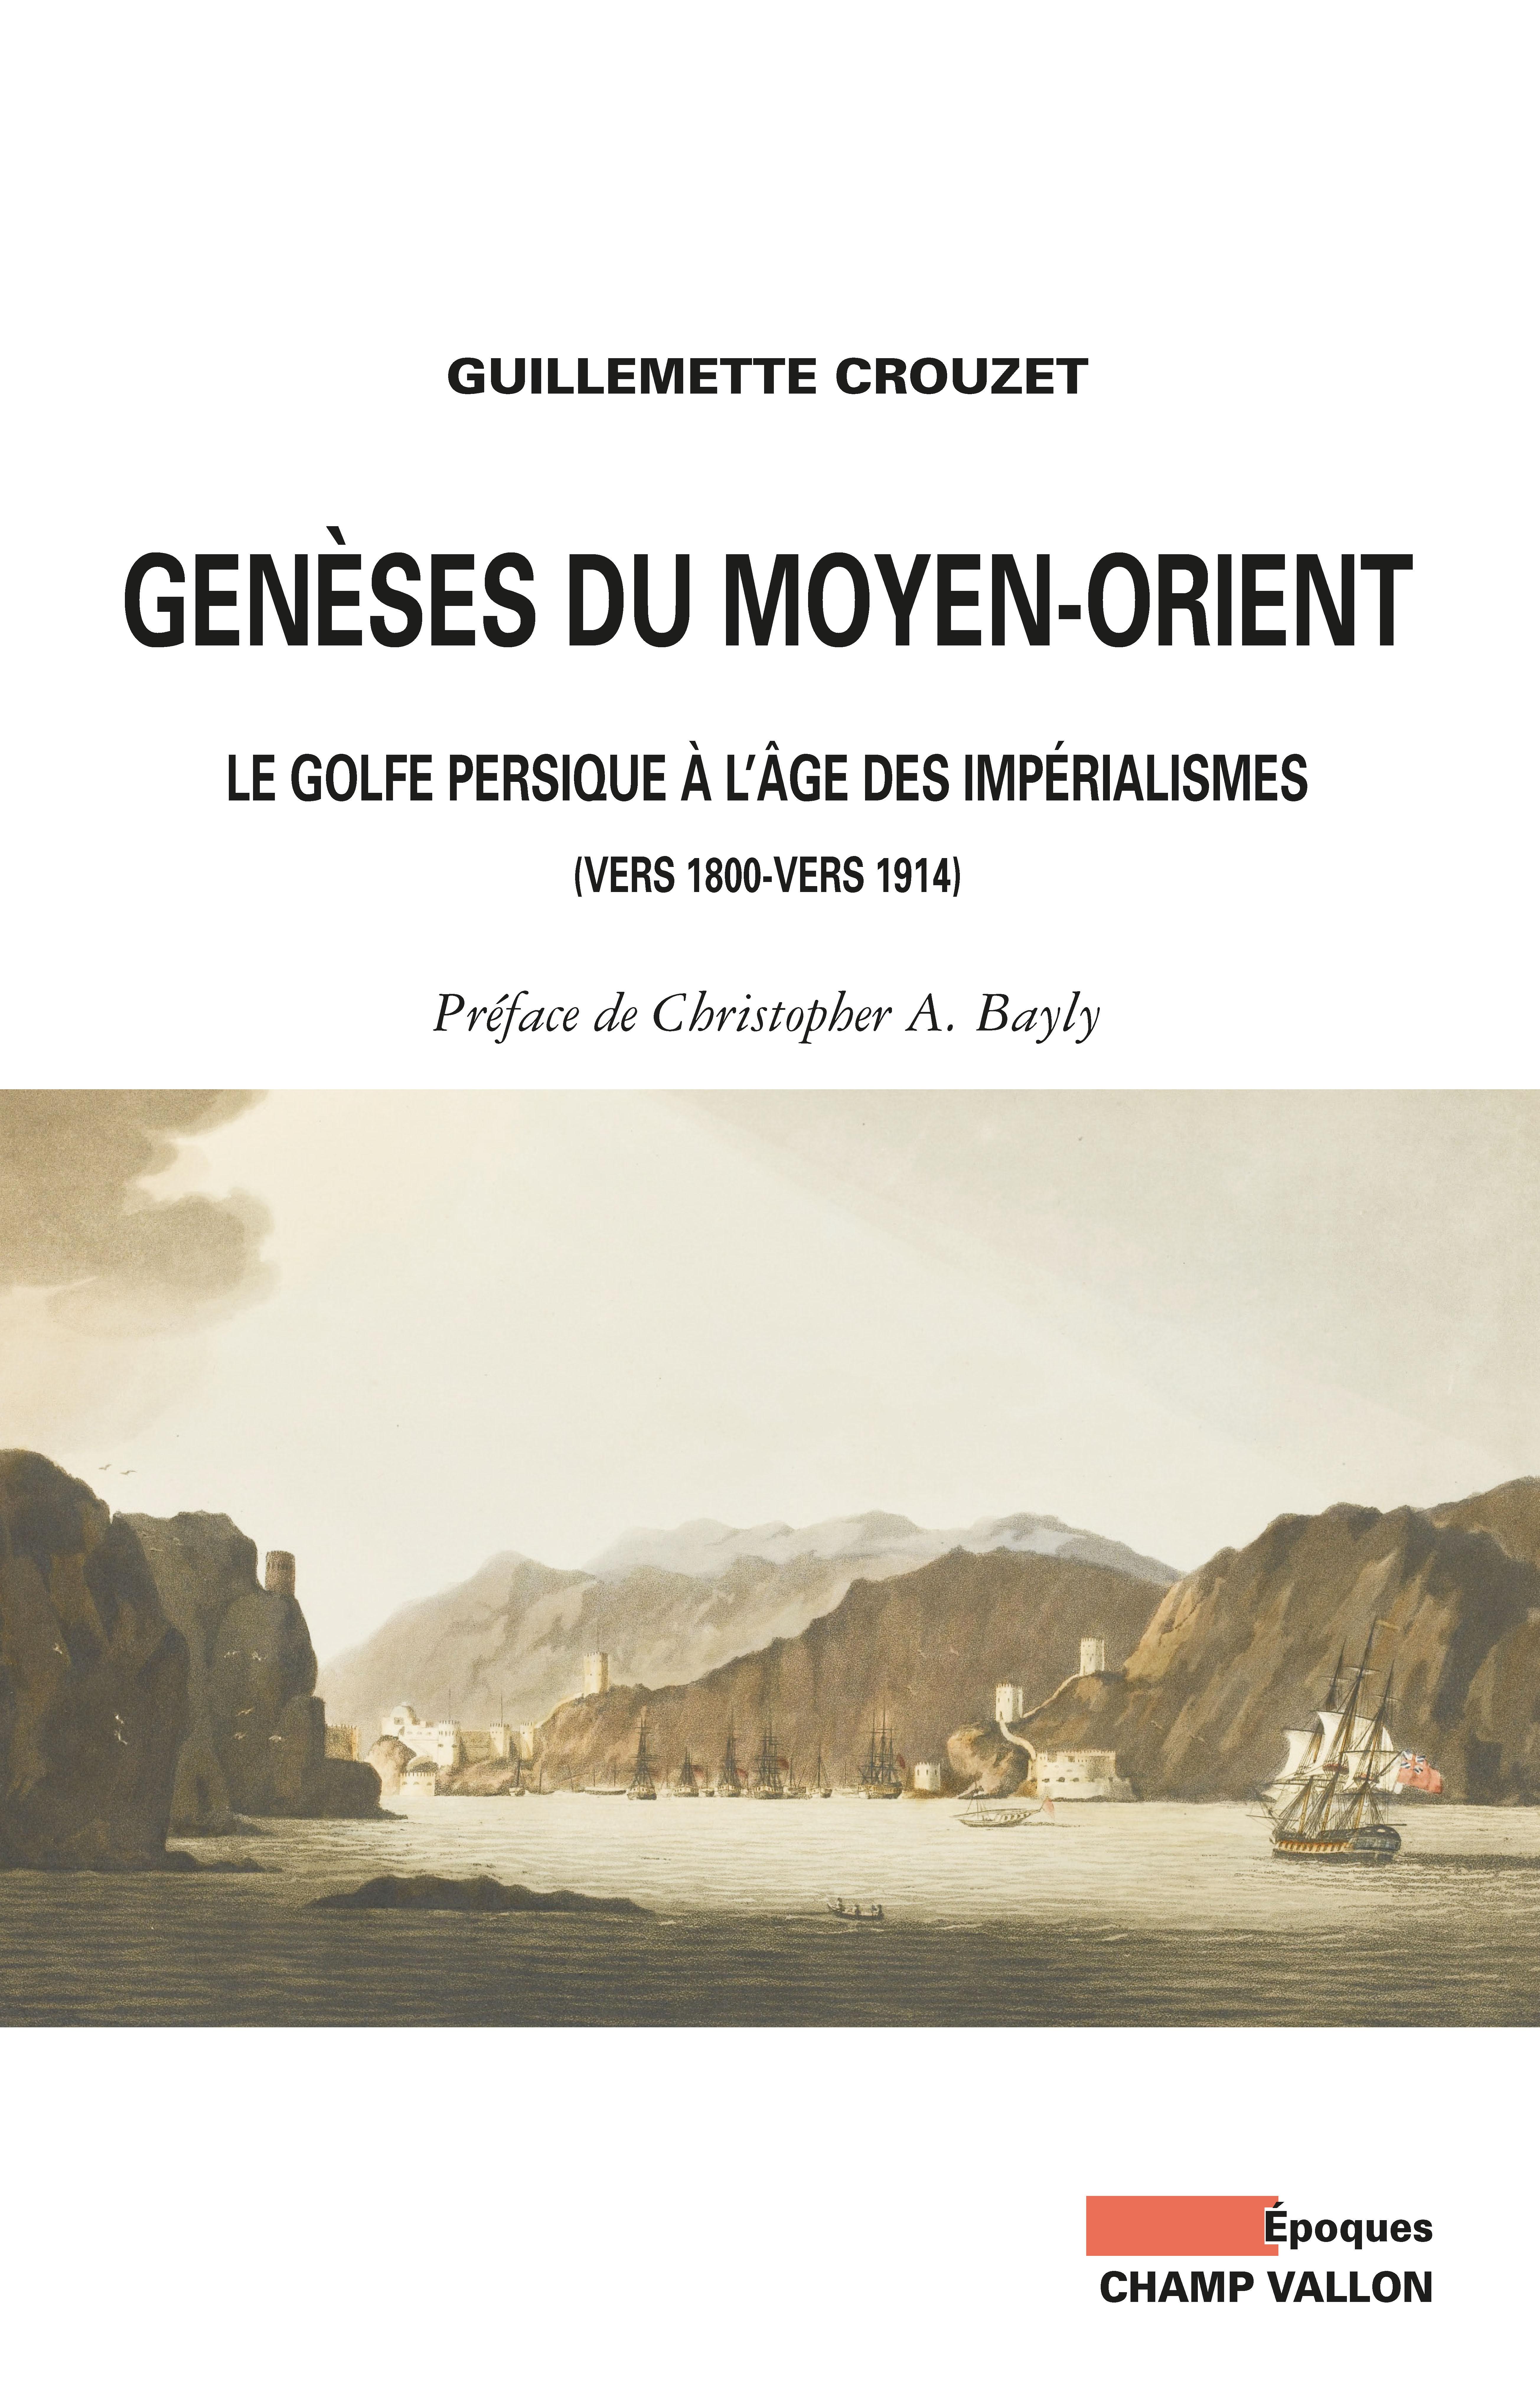 Genèses du Moyen-Orient, Le Golfe persique à l'âge des impérialismes (vers 1800-vers 1914)